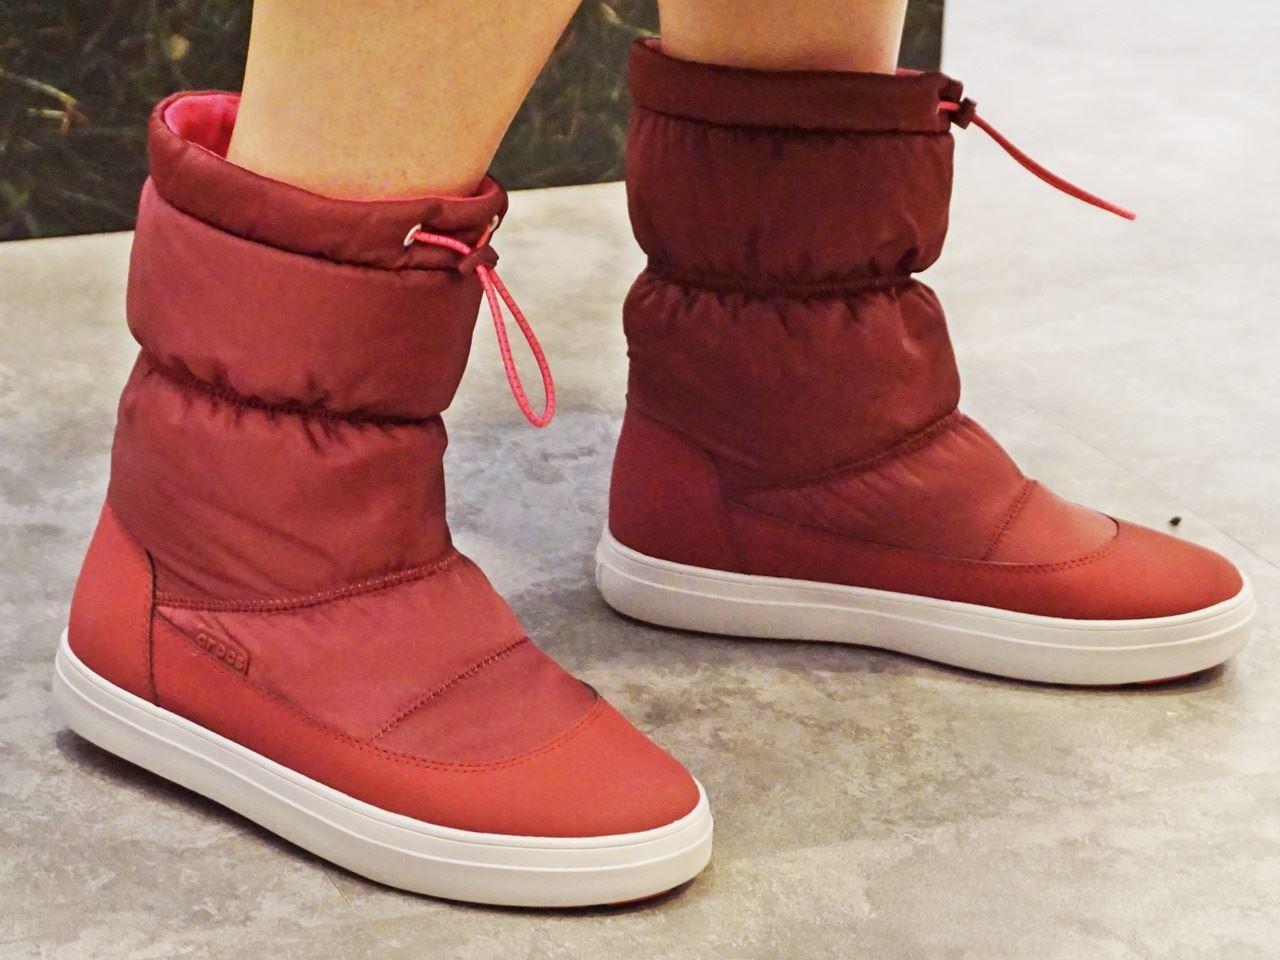 【Crocs(クロックス)】Women's LodgePoint Shiny Pull-on Boot ロッジポイント シャイニー プルオン ウィメン